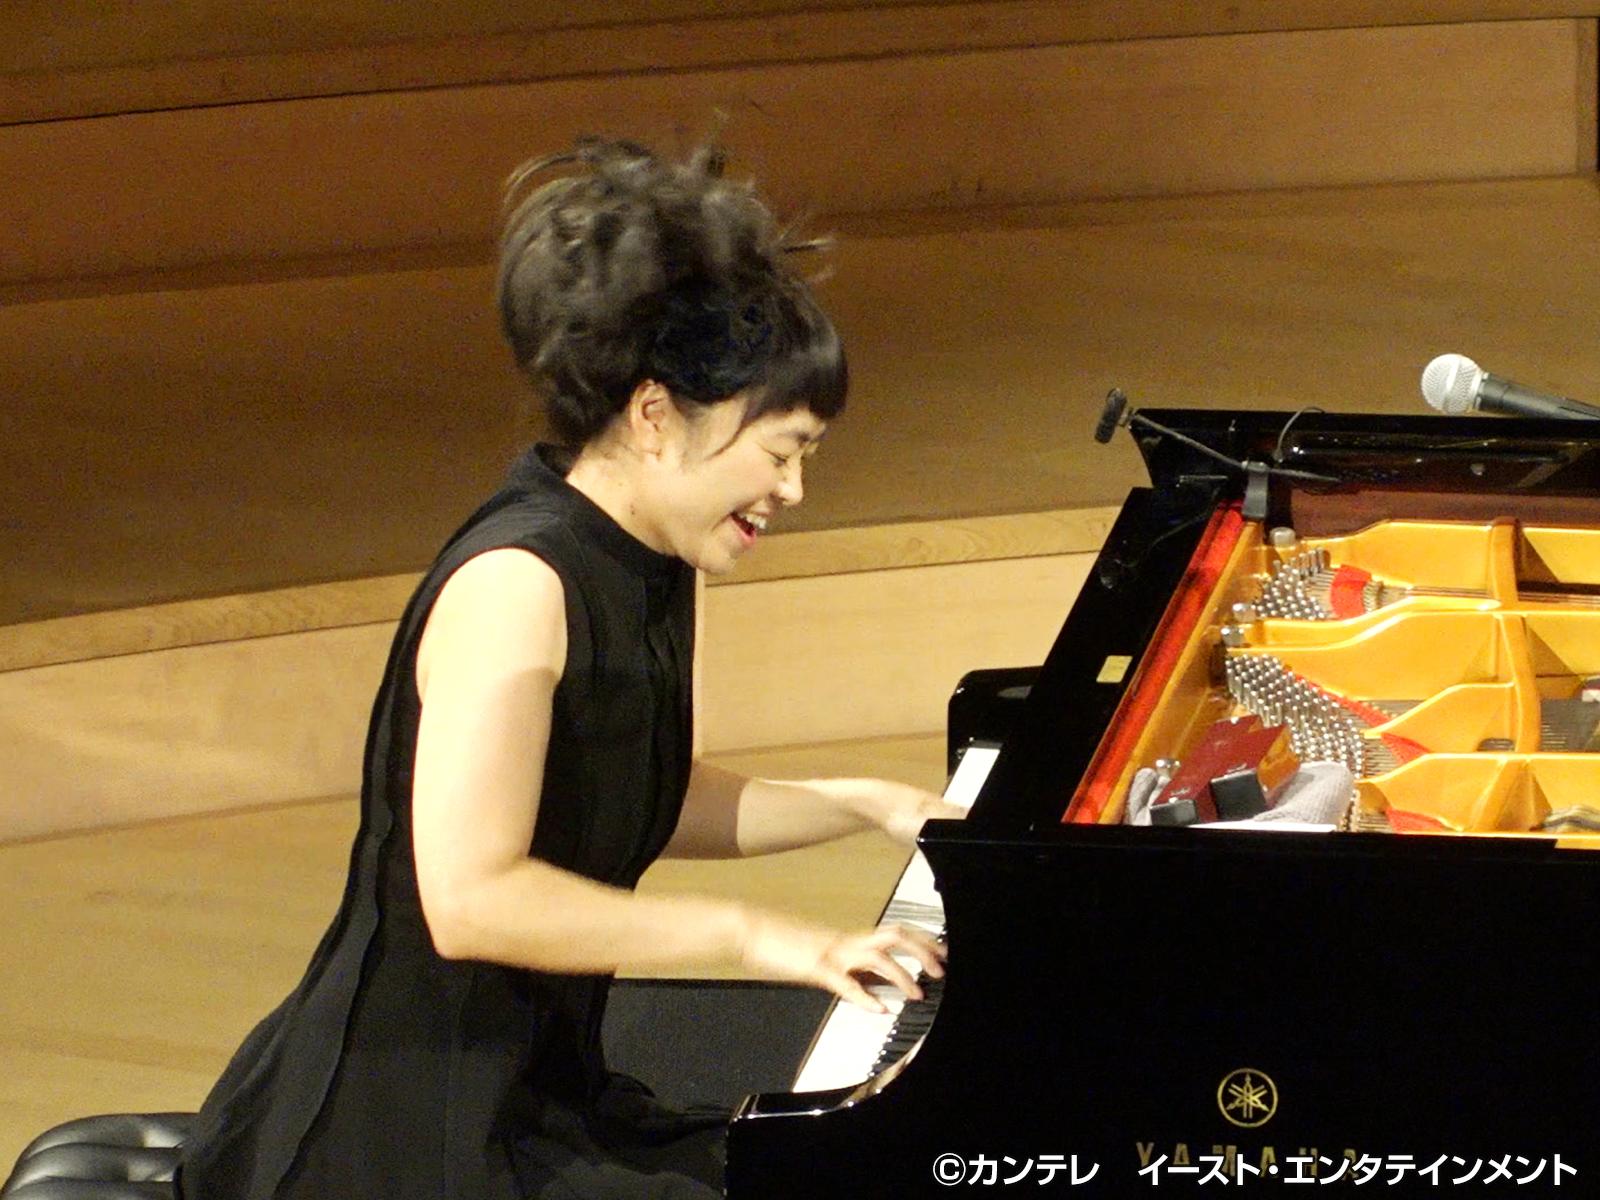 セブンルール/#27 31歳でグラミー賞!世界が認めたジャズピアニスト